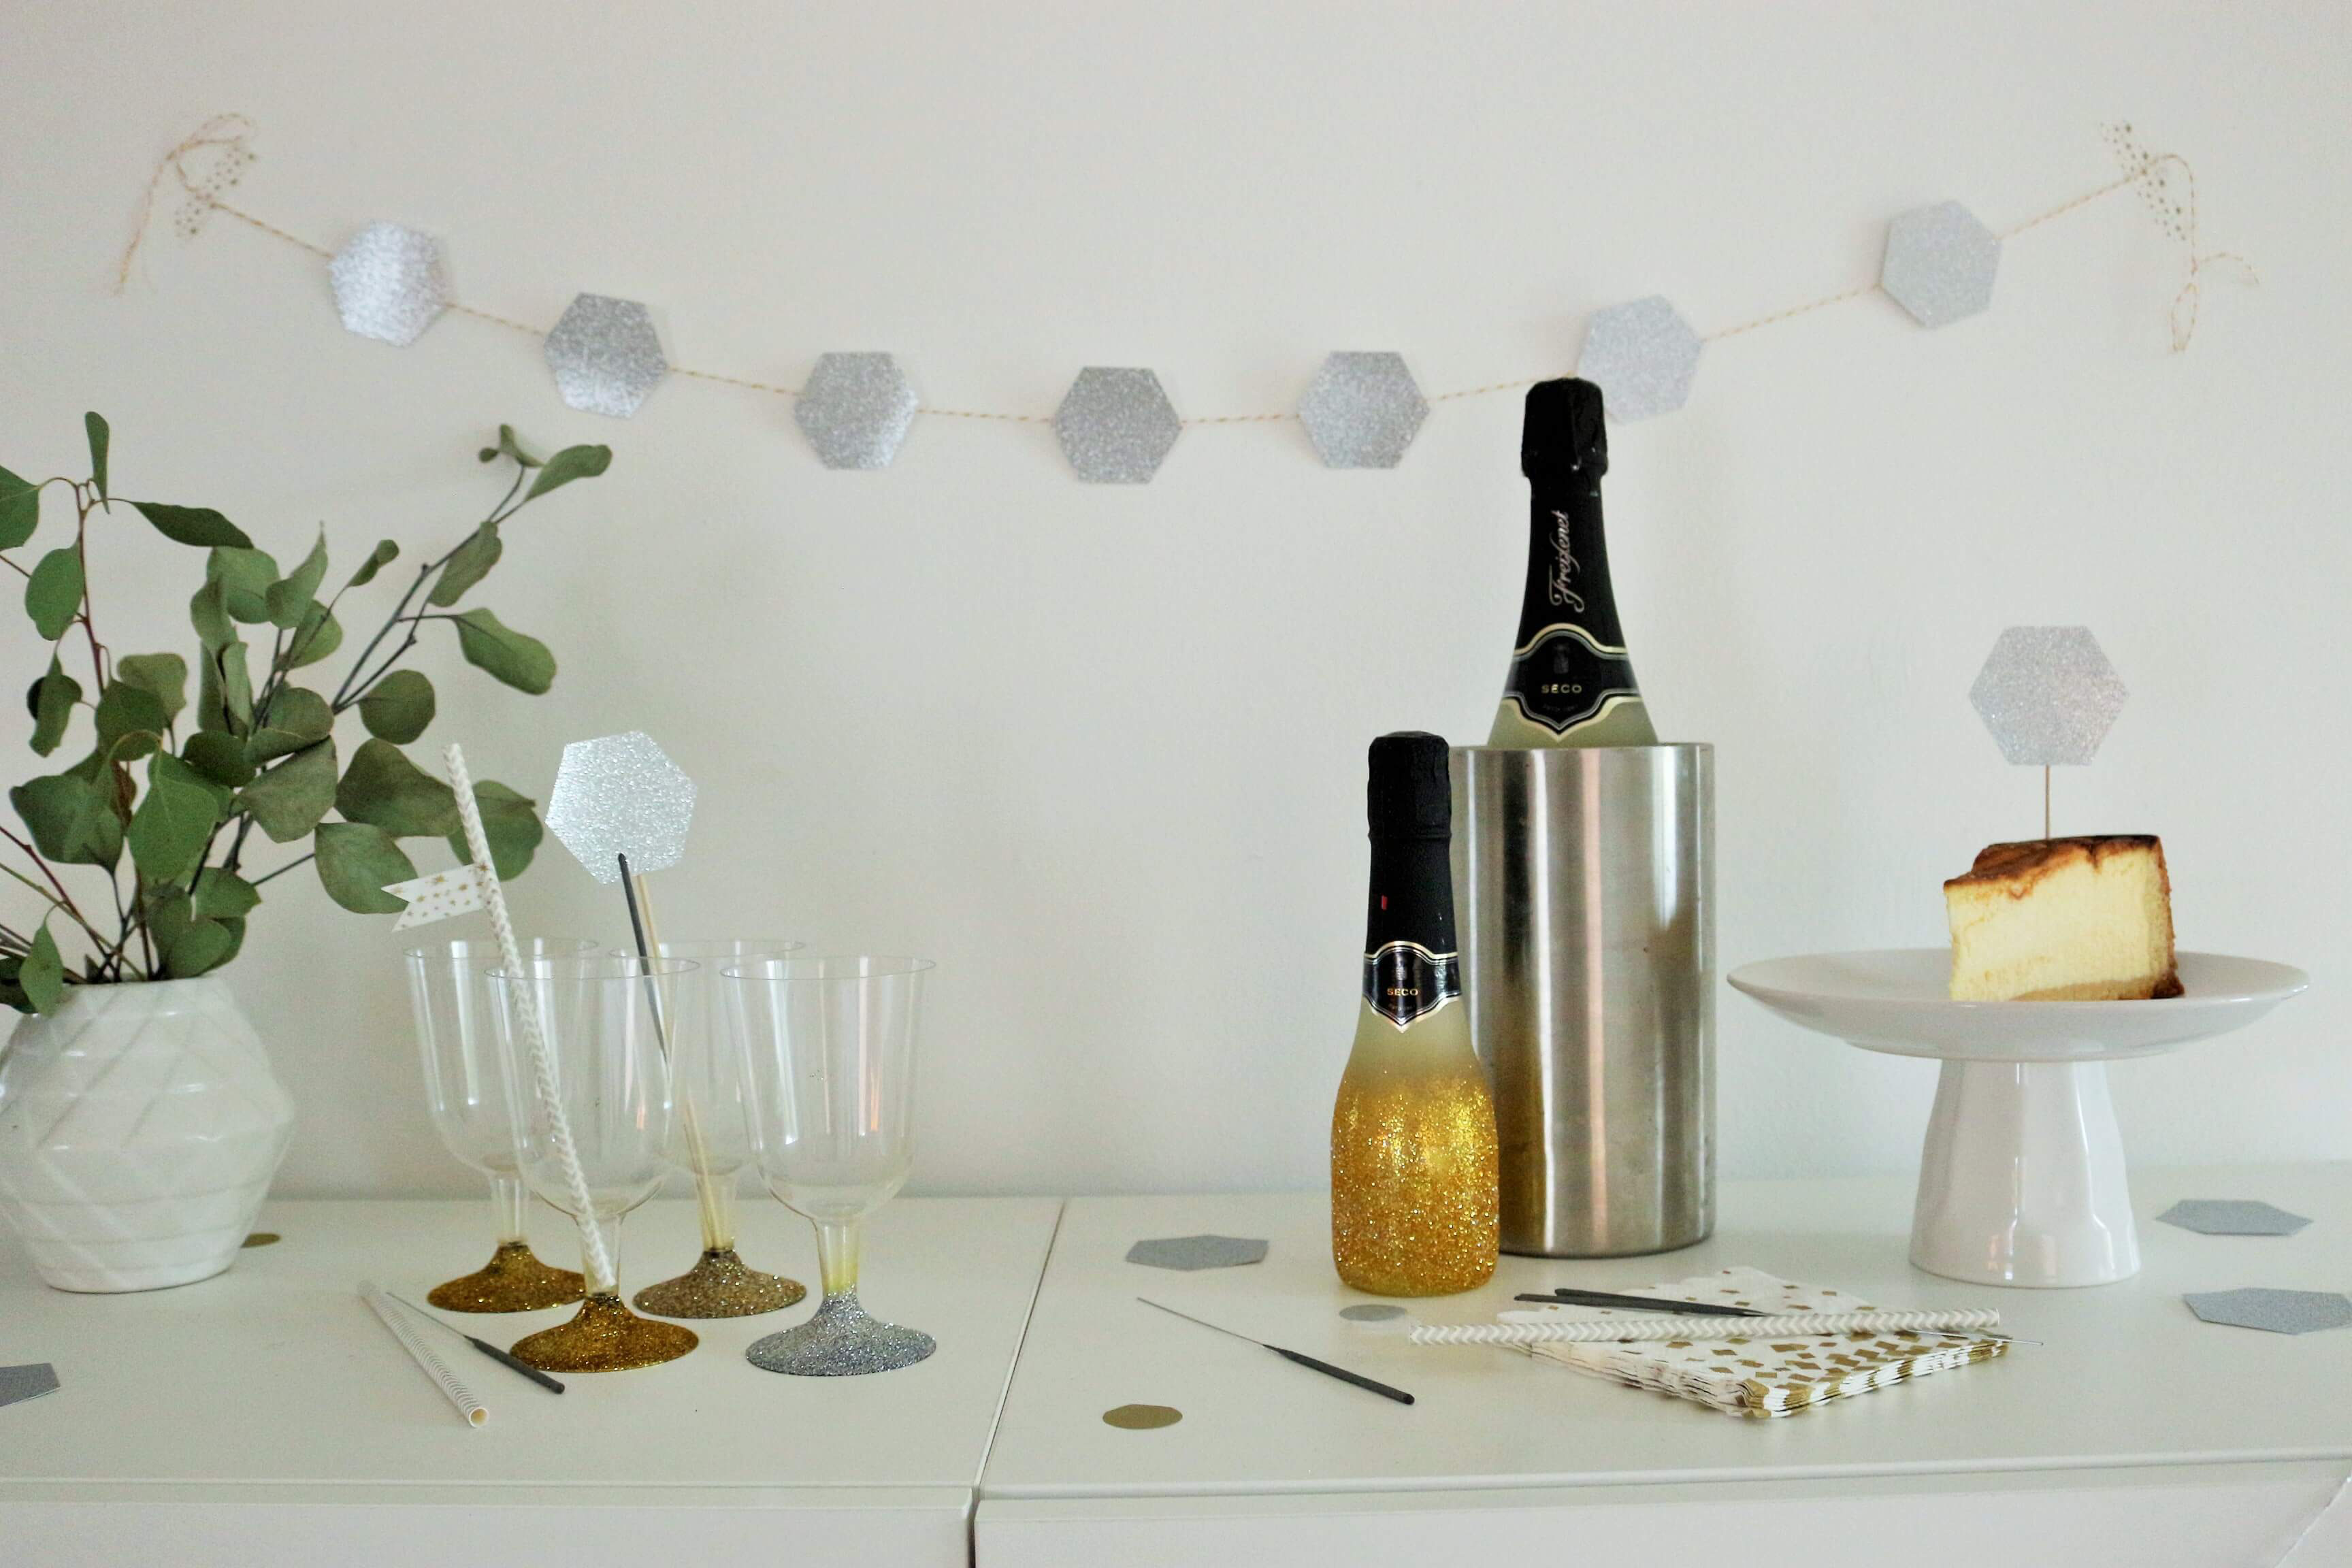 diy party deko und dekoration f r die hochzeit mit einem. Black Bedroom Furniture Sets. Home Design Ideas